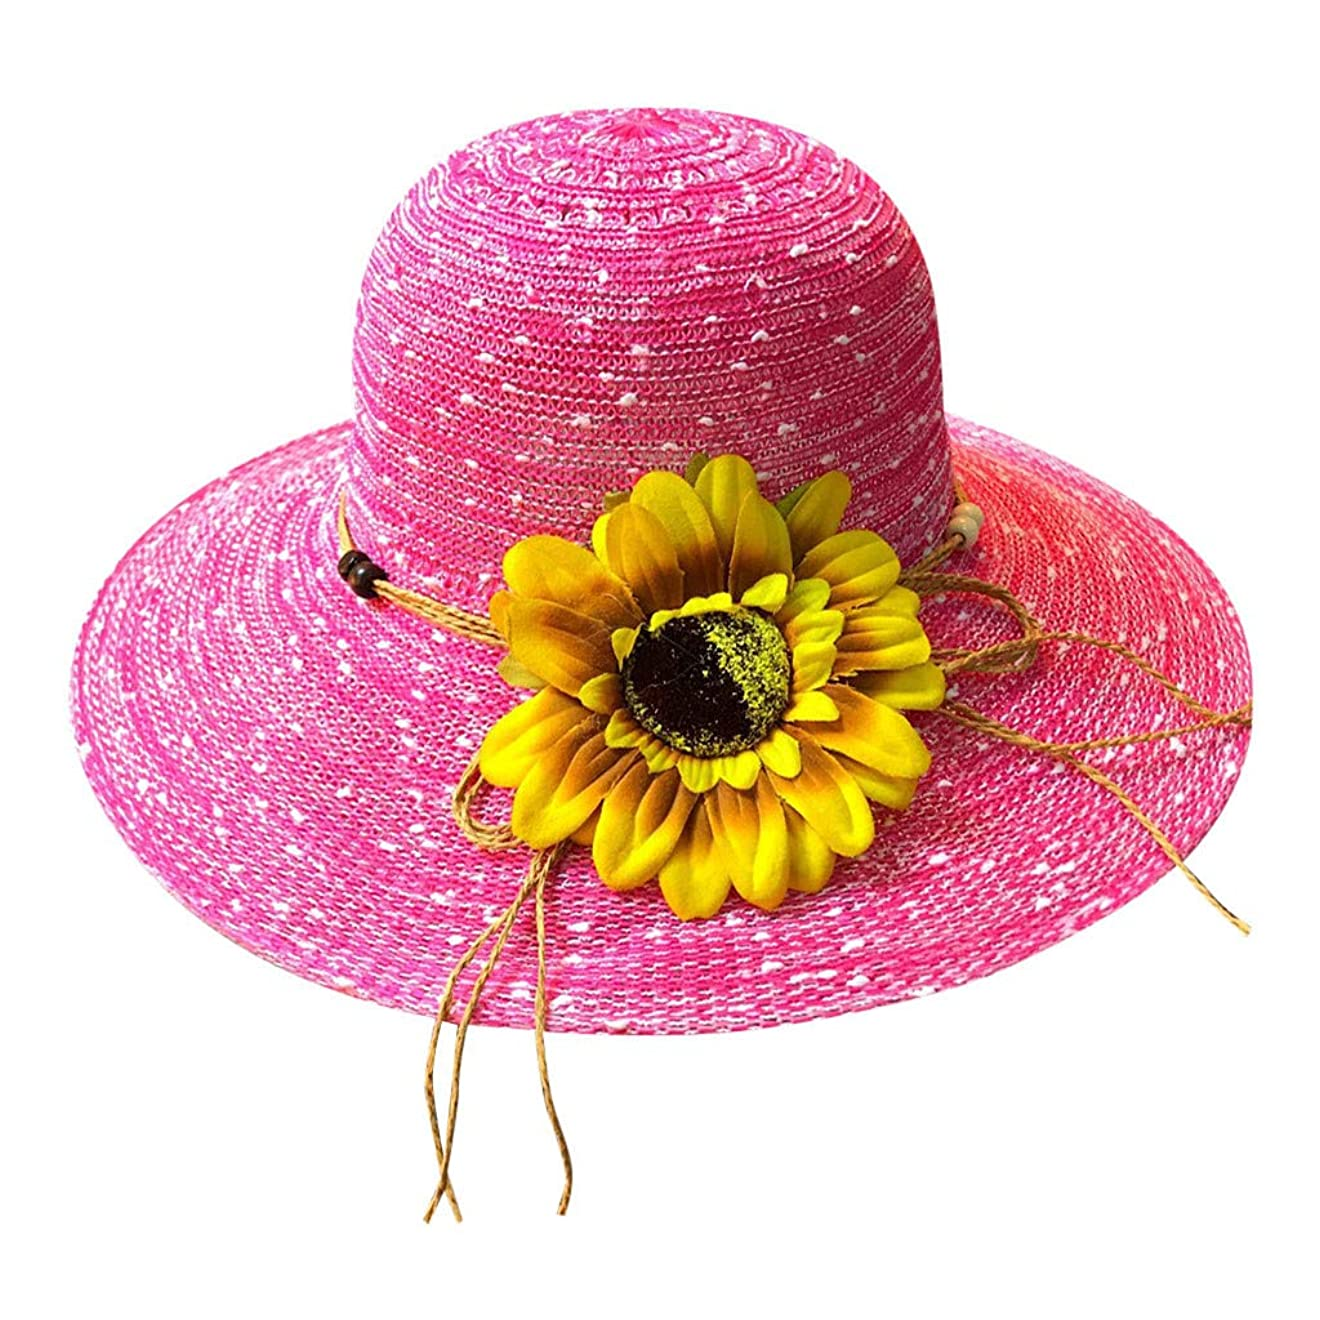 ベル日記起点帽子 レディース アウトドア 夏 春 UVカット 帽子 ハット 漁師帽 日焼け防止 つば広 紫外線対策 大きいサイズ ひまわり 可愛い ハット 旅行用 日よけ 夏季 ビーチ 無地 ハット レディース 女性 ROSE ROMAN